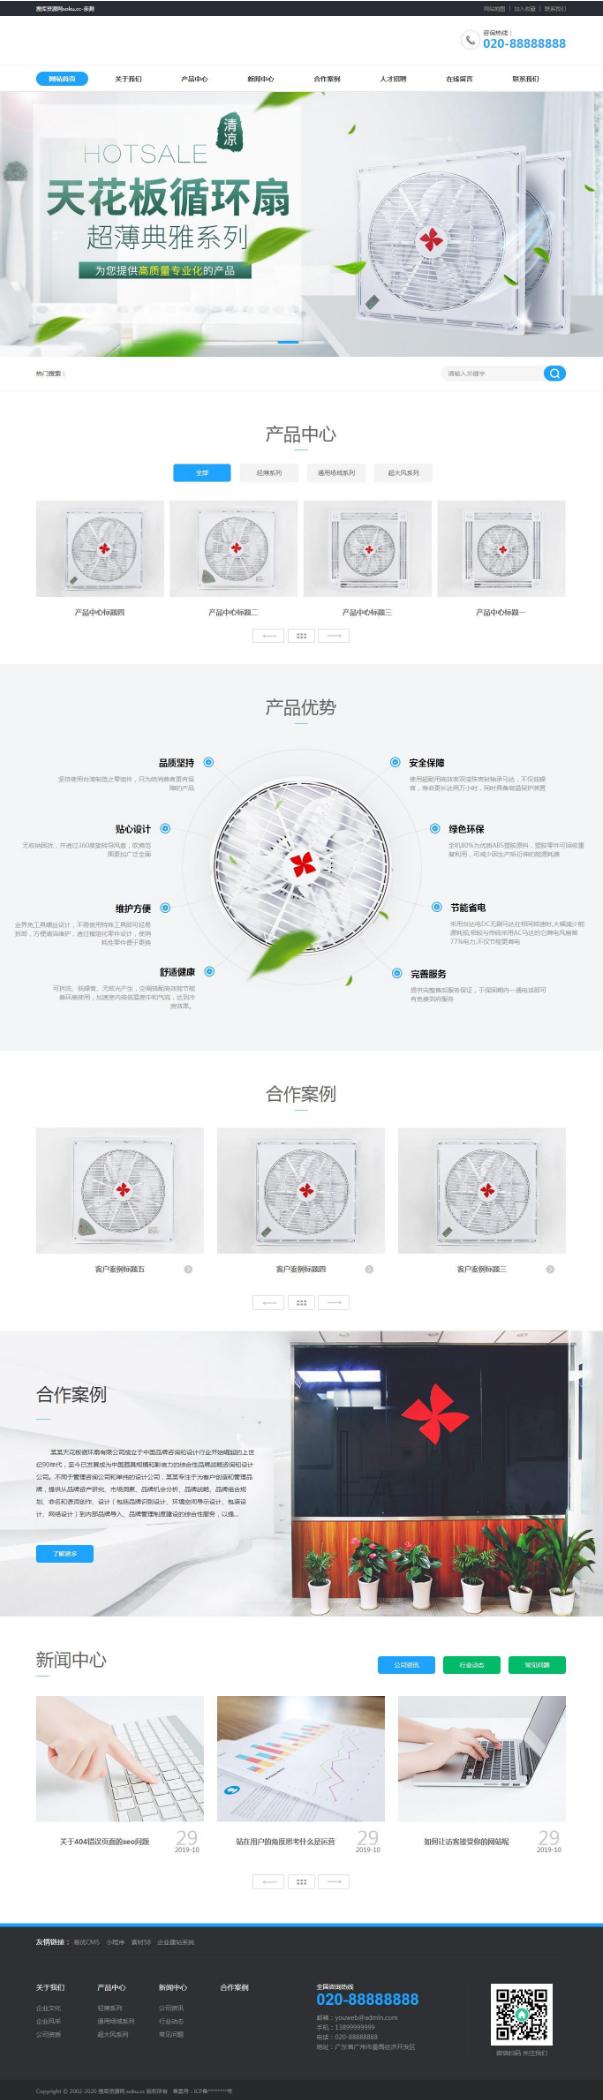 织梦dedecms模板最新营销型制冷设备循环扇类网站源码塔扇风扇空调扇等制冷设备等设备展示模板(带手机端)